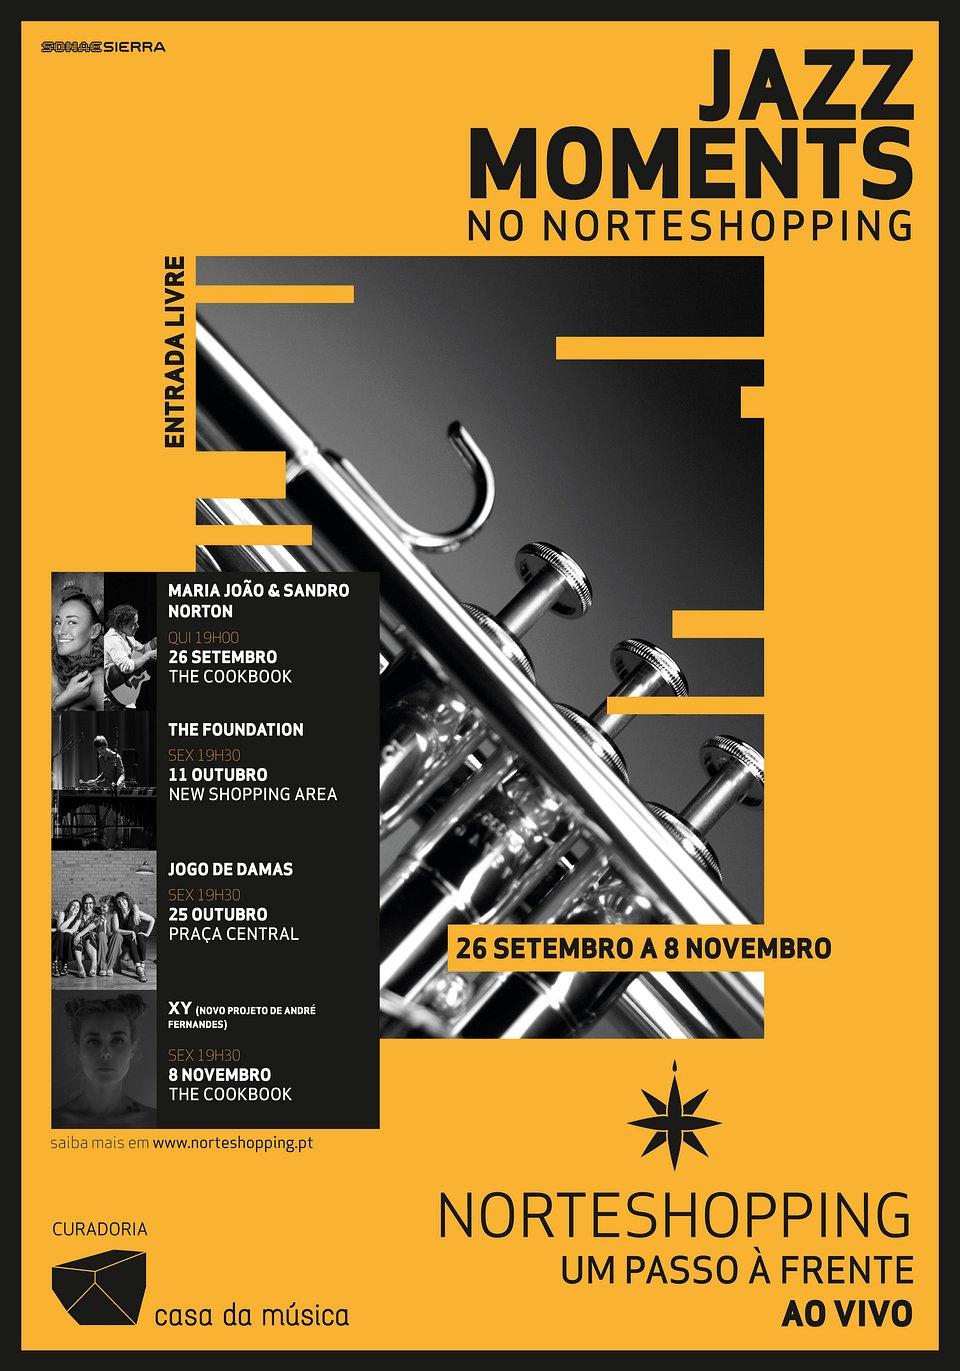 Jazz Moments no NorteShopping com participação de Maria João como embaixadora